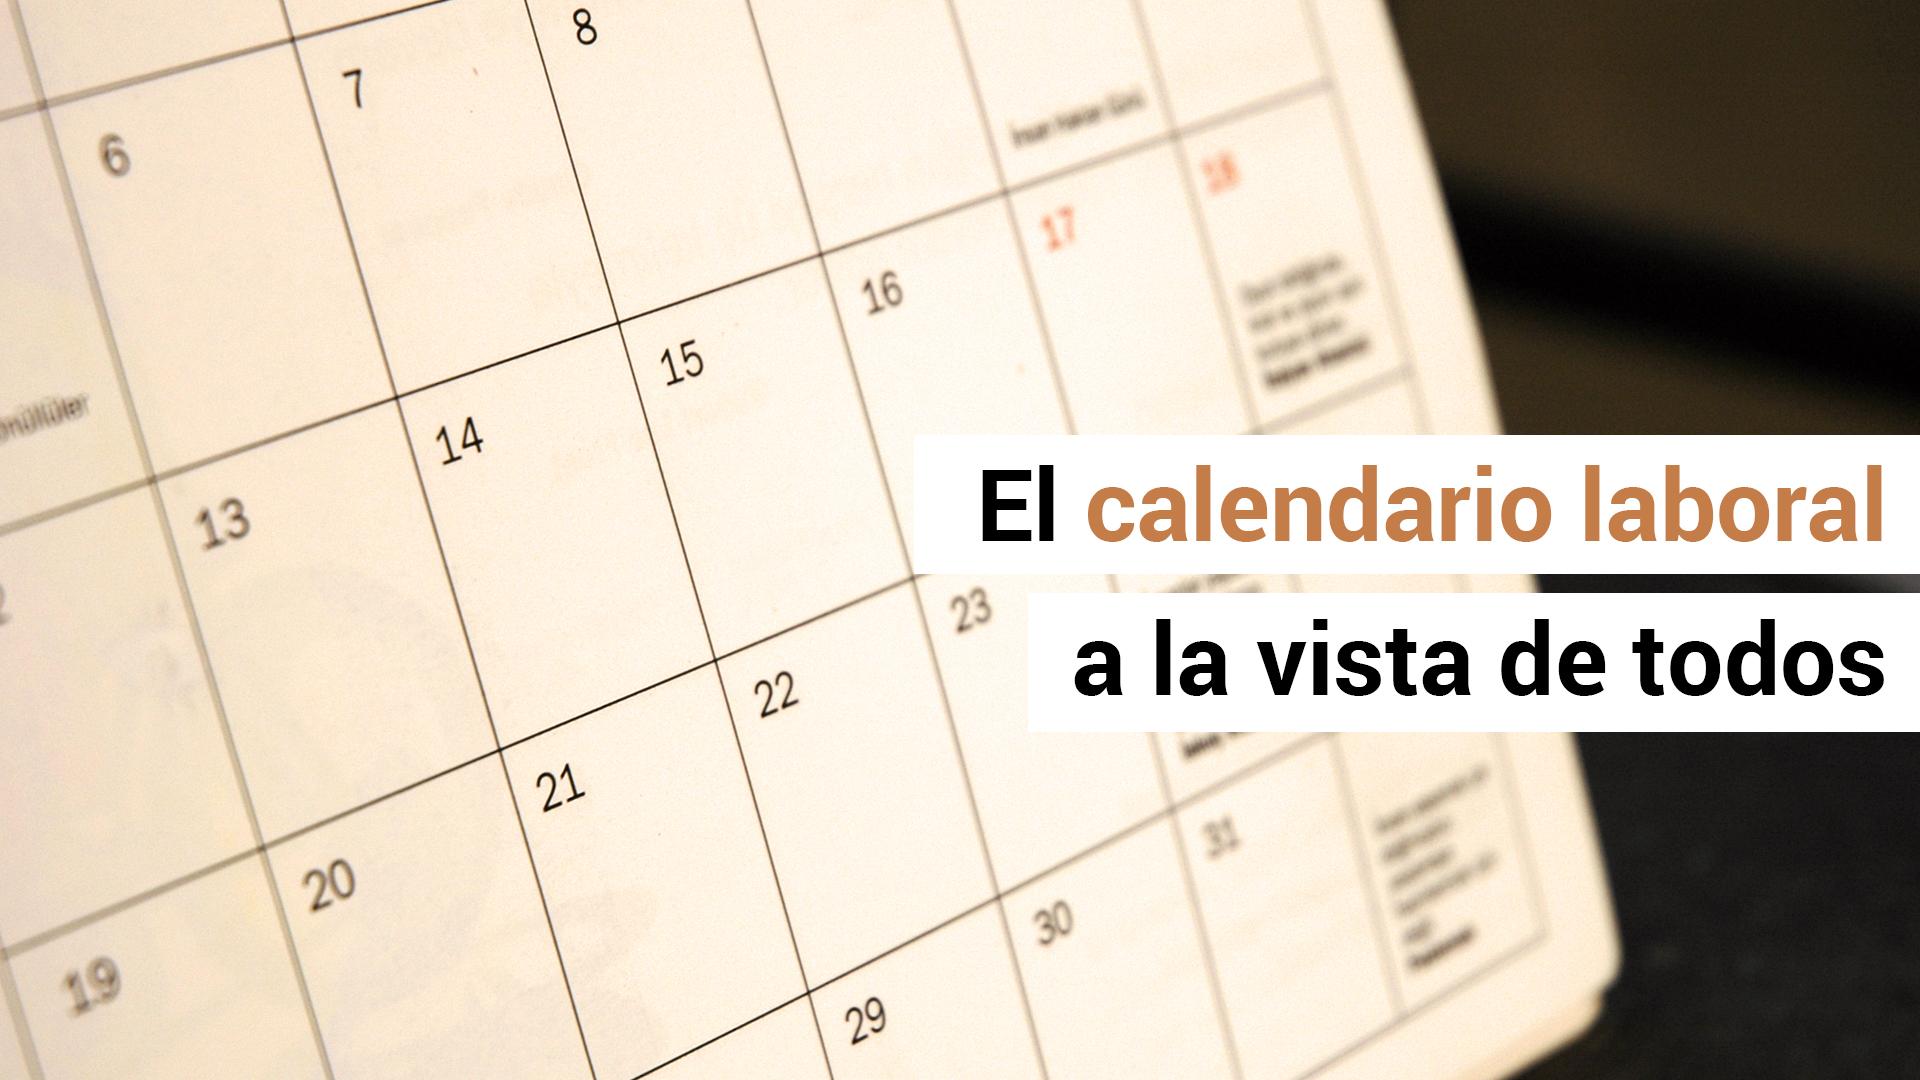 EL calendario laboral debe exponerse en todos los centros de trabajo